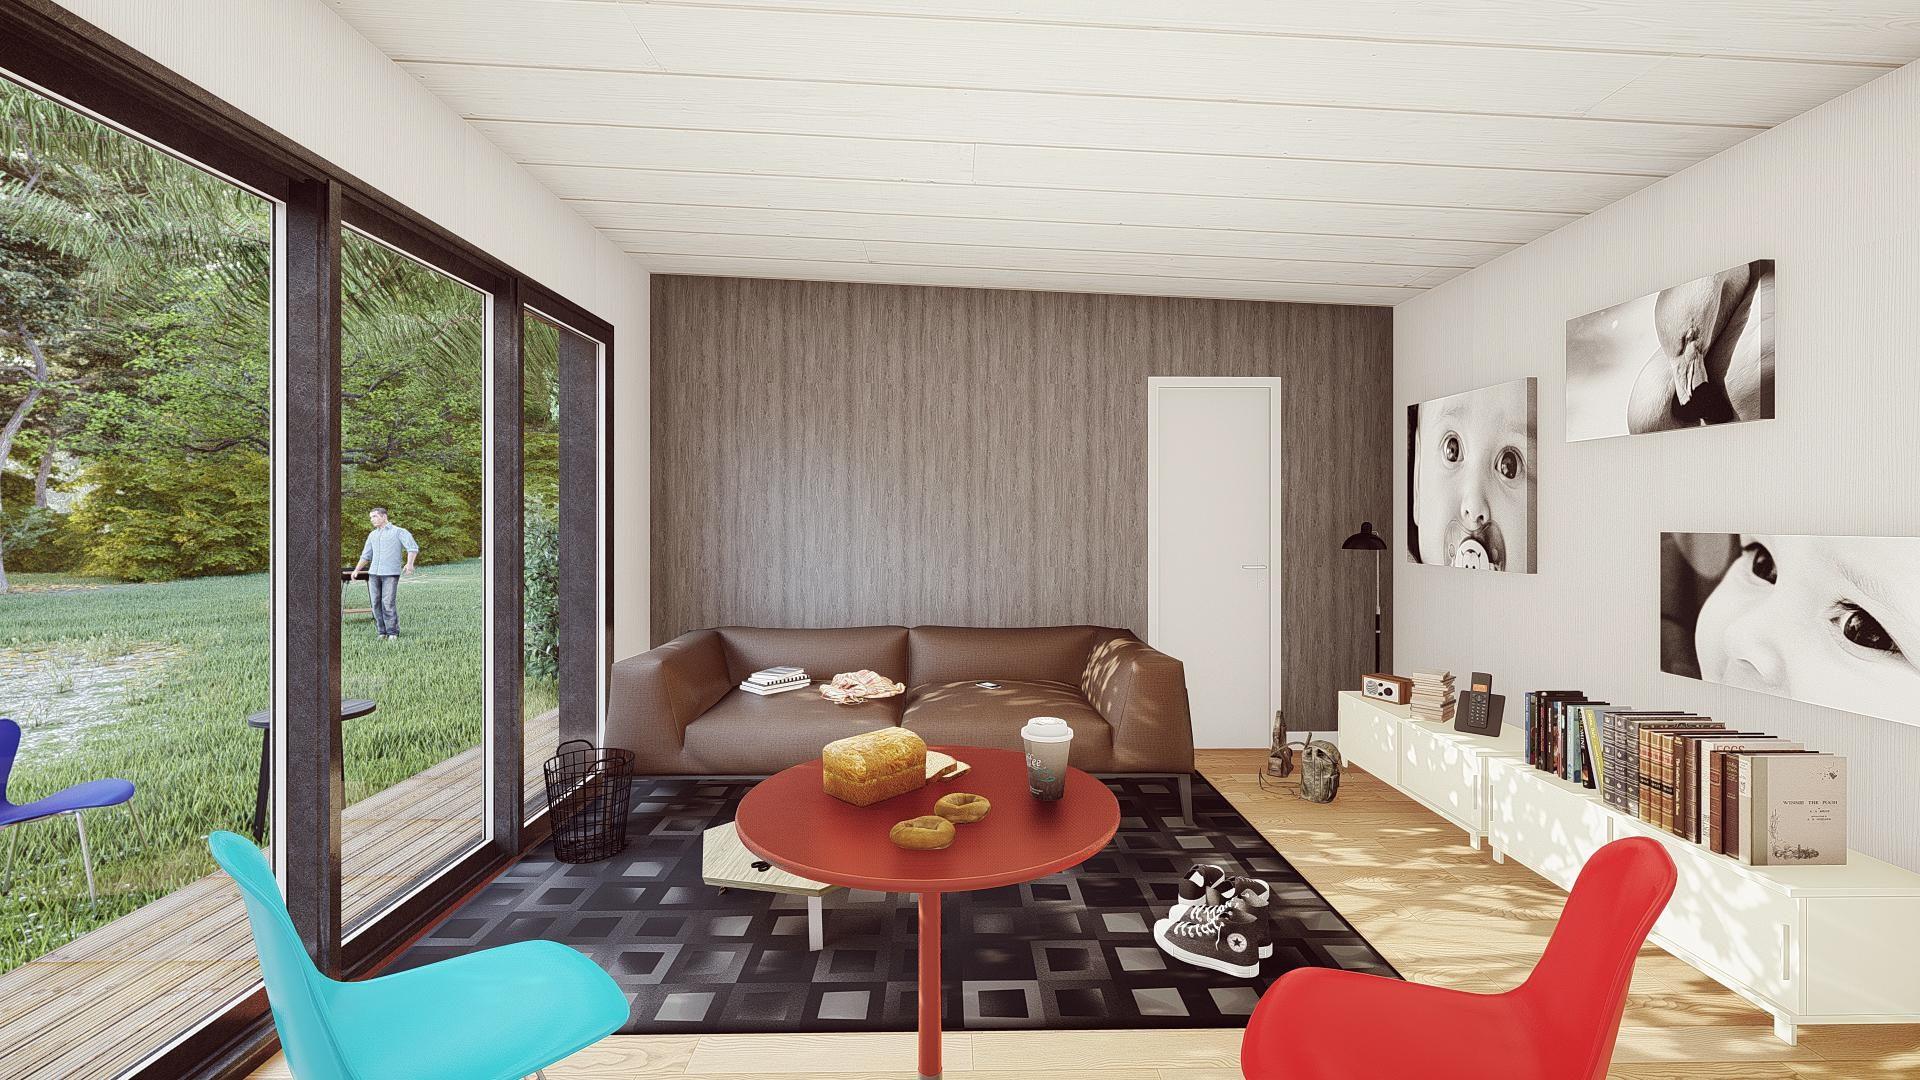 studio de jardin 50 m2 interieur salon